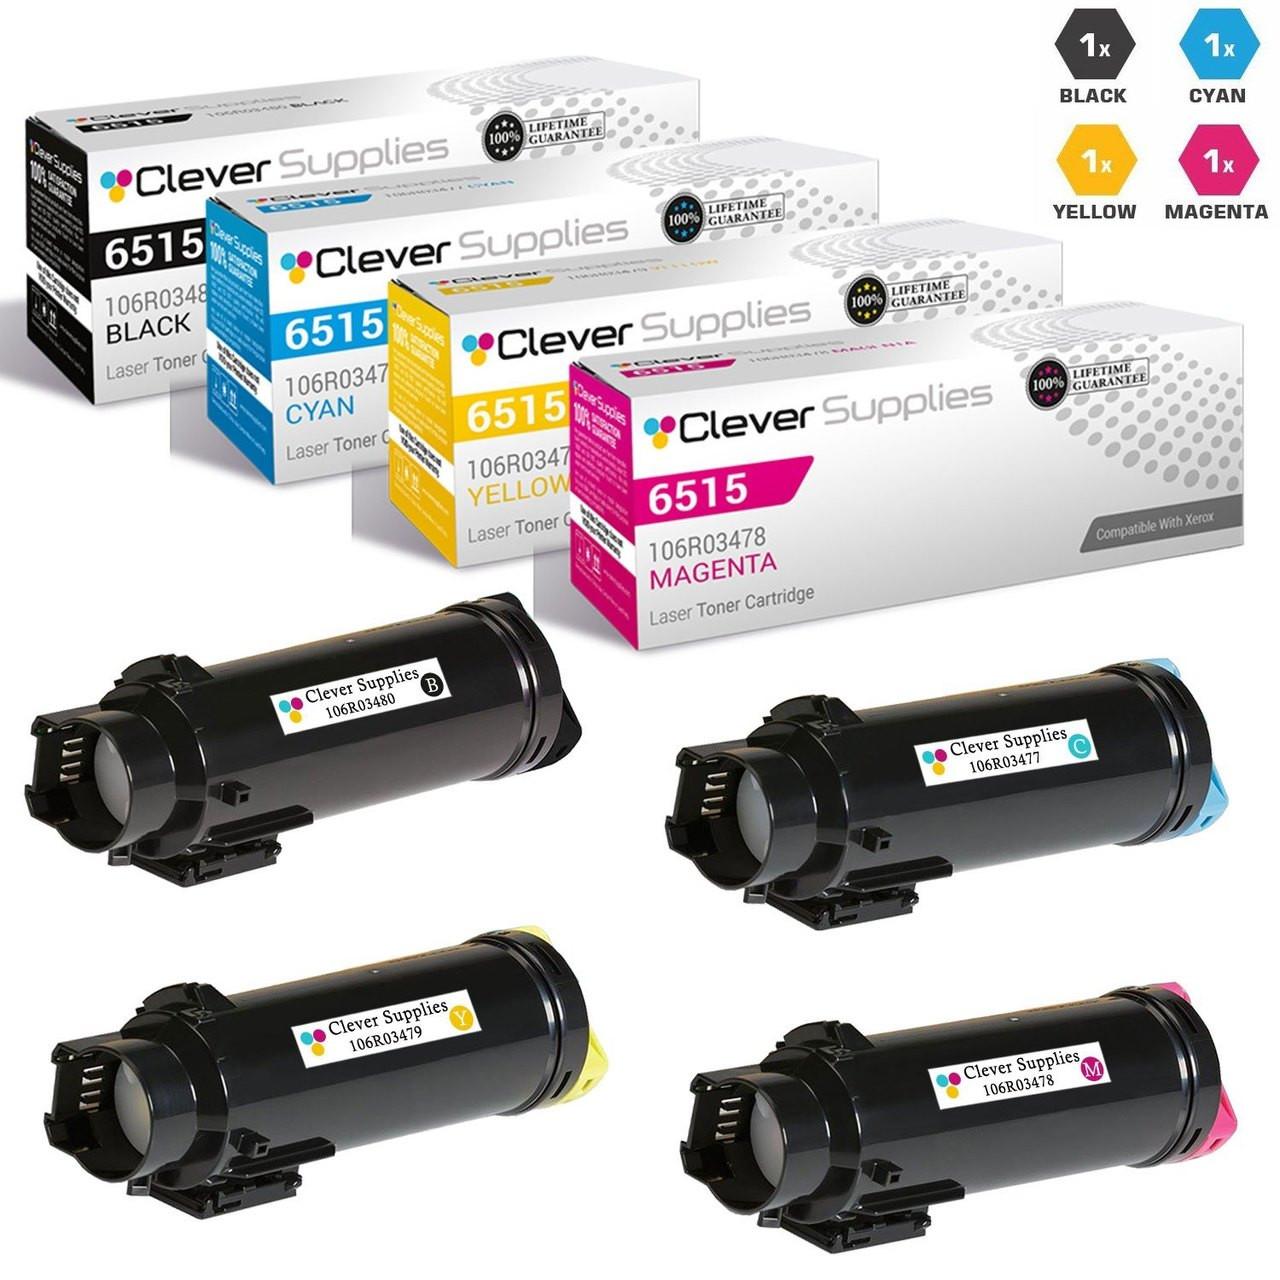 Compatible Xerox Workcentre 6515 Toner Cartridges 4 Color Set